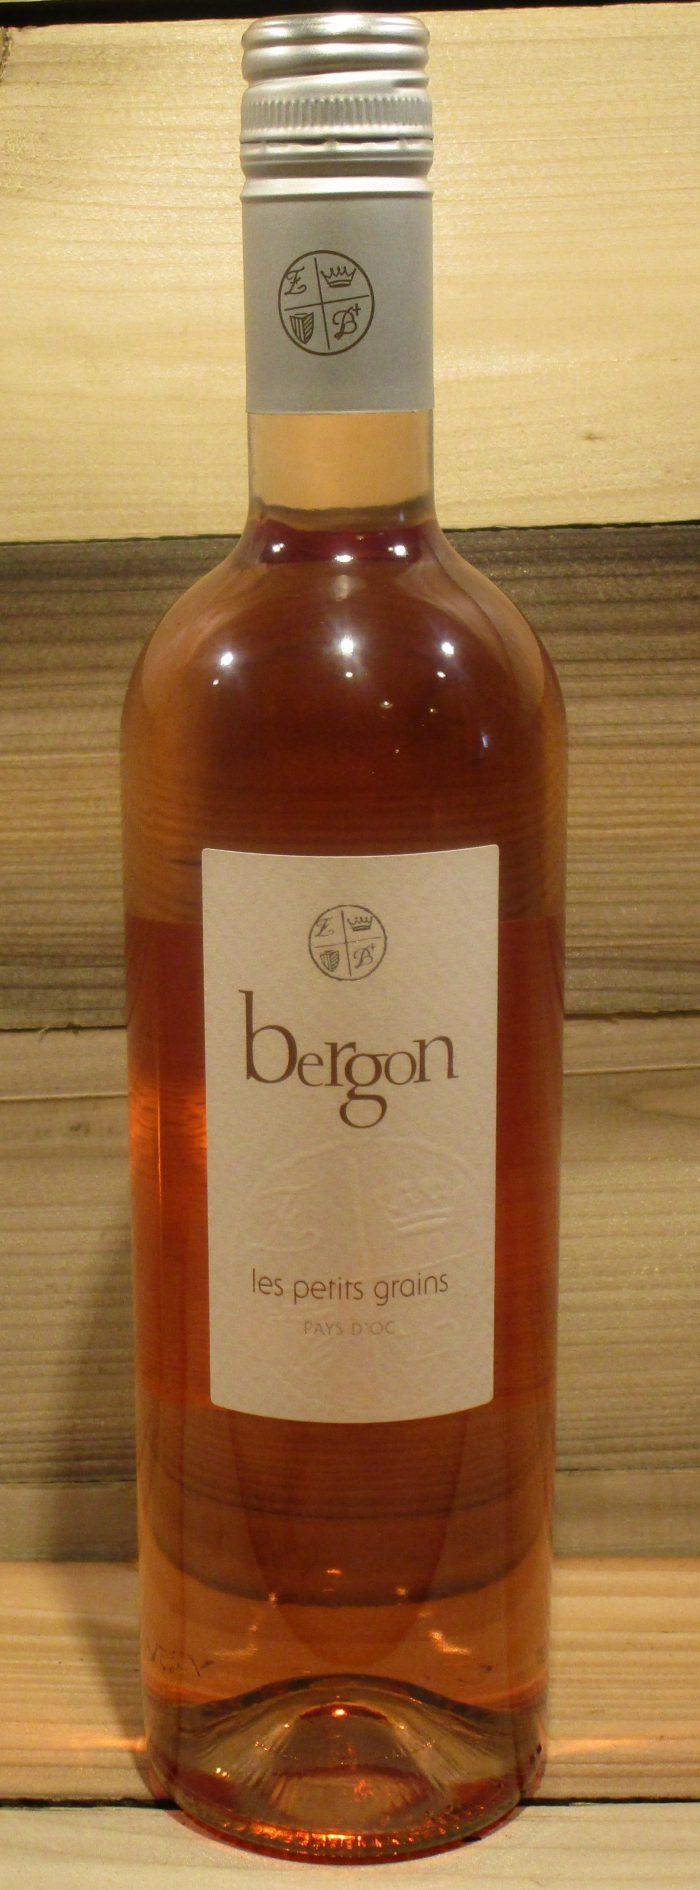 Bergon grenache | Frankrijk | gemaakt van de druif: Grenache gris